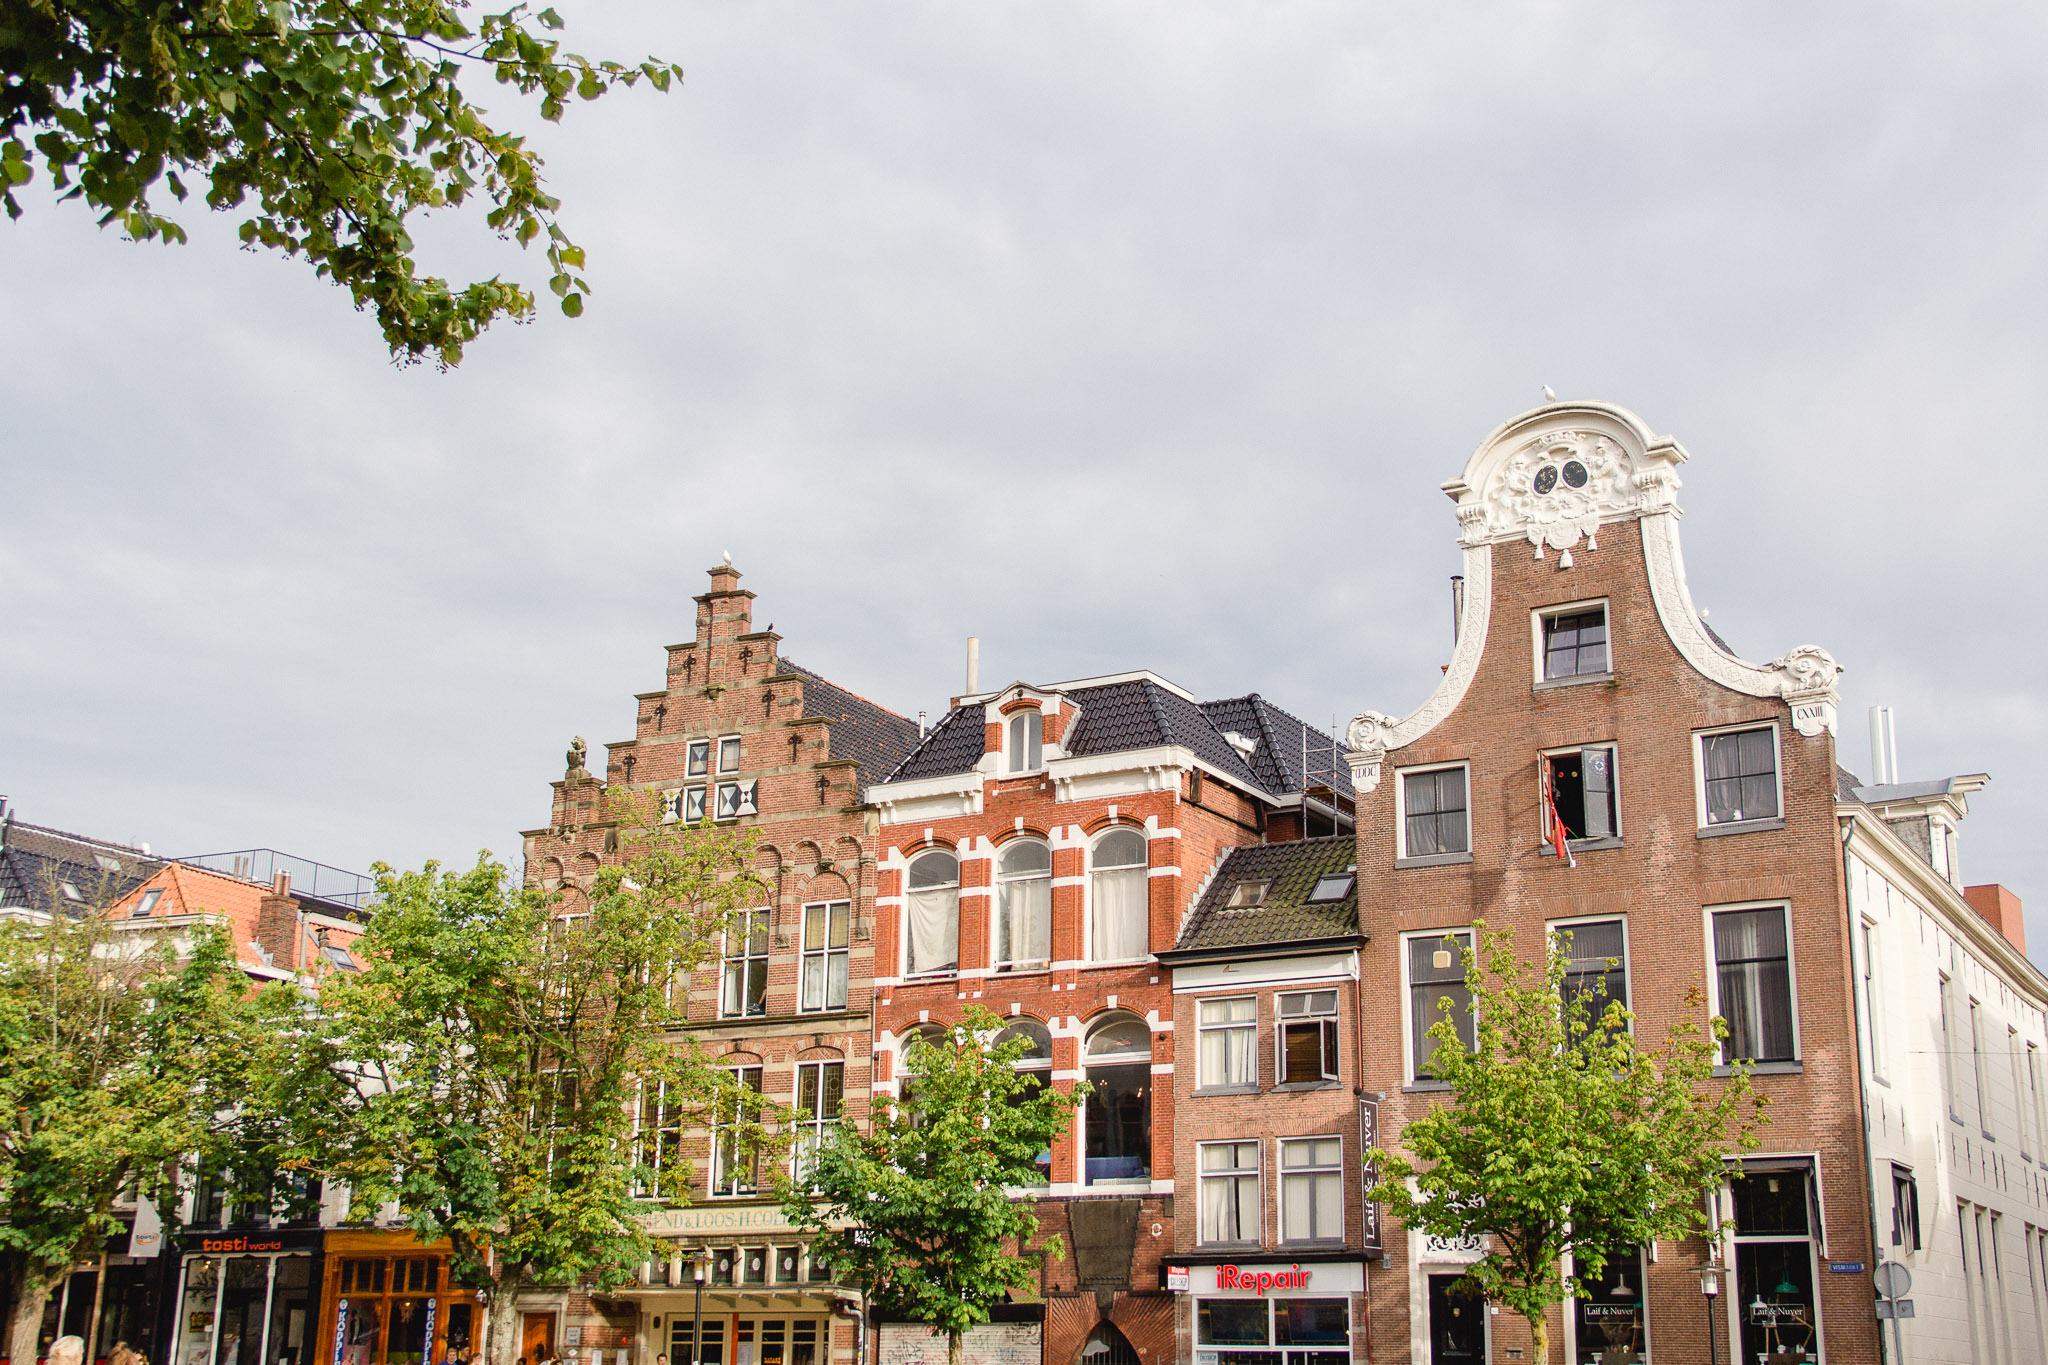 GRONINGEN - DAS ANDERE HOLLAND